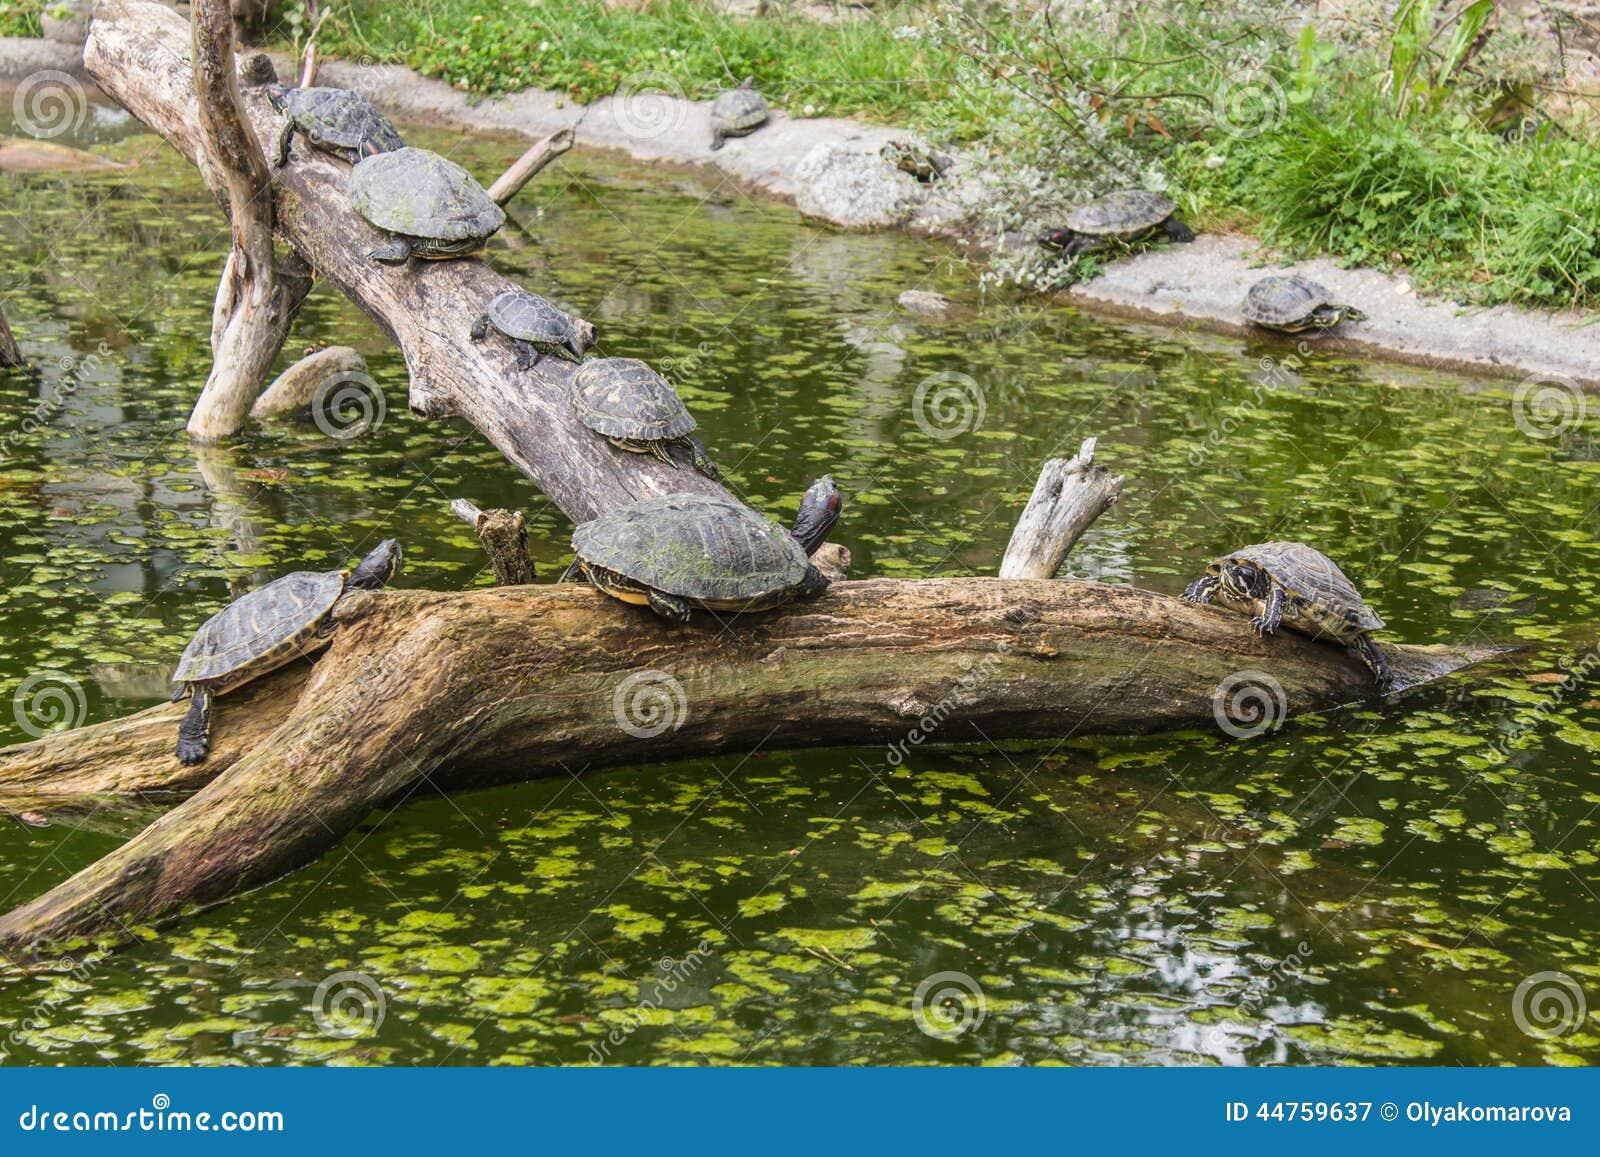 Schildpadden op login een vijver stock afbeelding for Een vijver